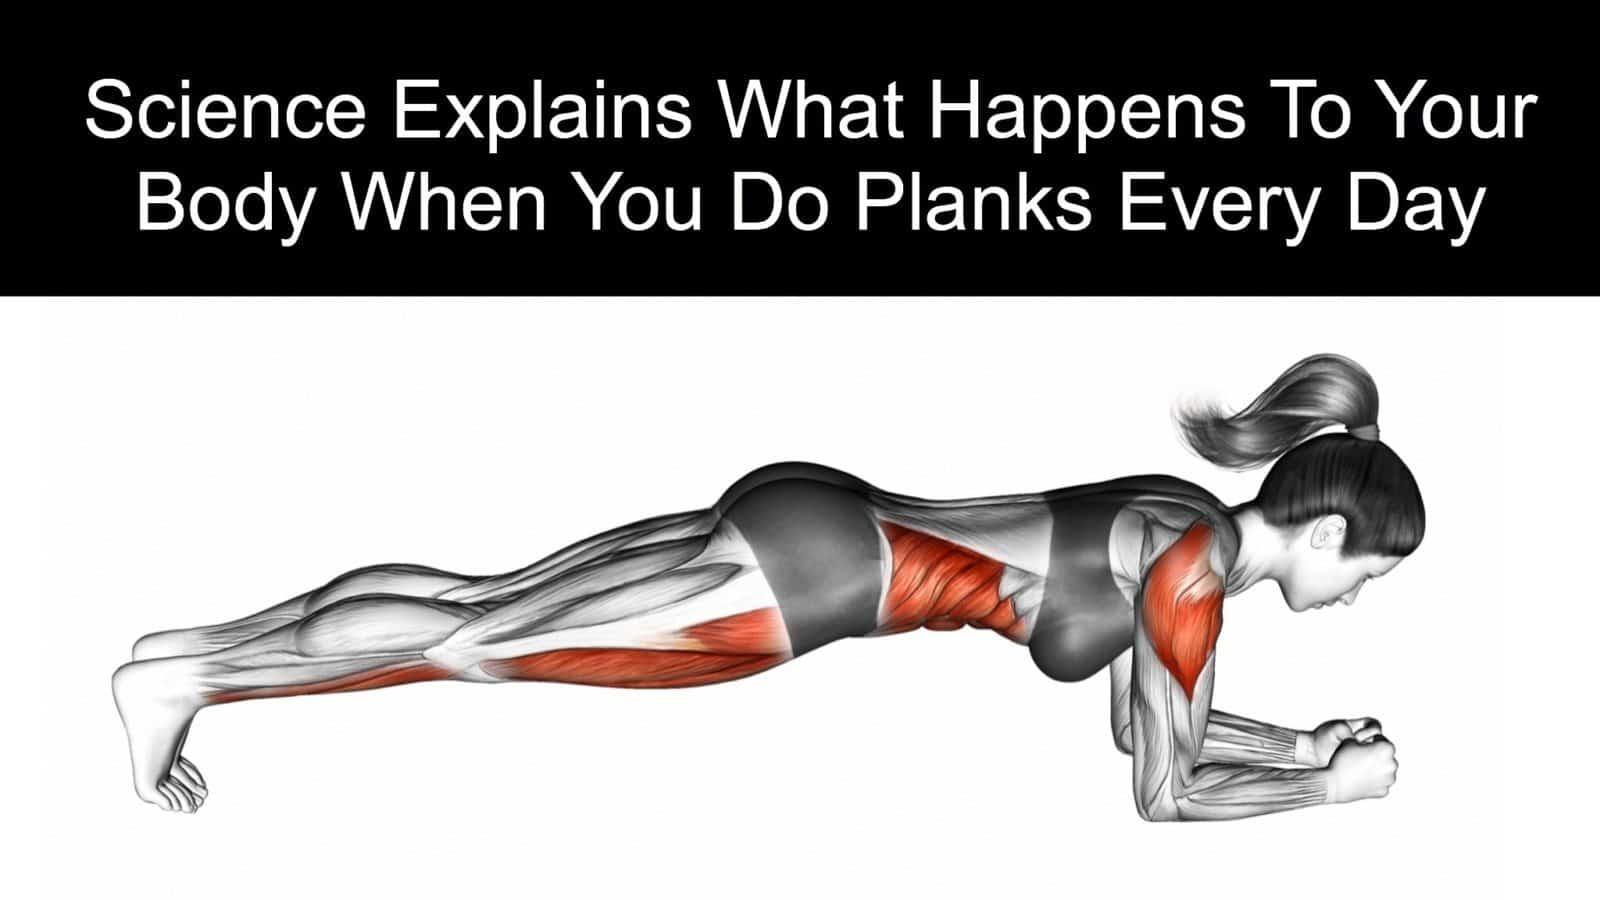 प्लॅकिंग व्यायामाचे कोणते फायदे आहेत? तुम्ही सर्वांनी केलेच पाहिजे